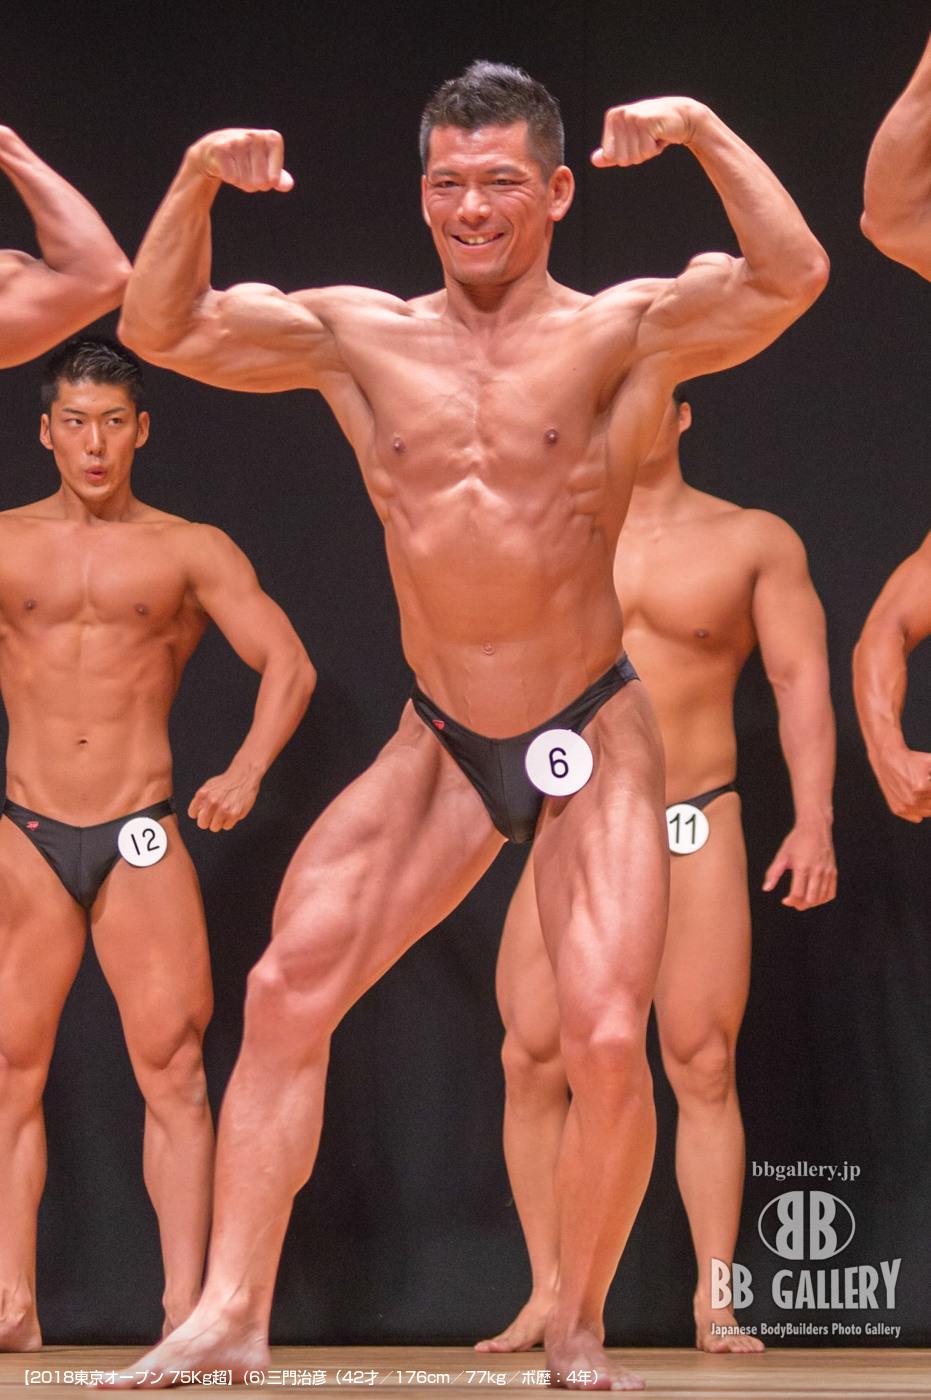 【2018東京オープン 75Kg超】(6)三門治彦(42才/176cm/77kg/ボ歴:4年)